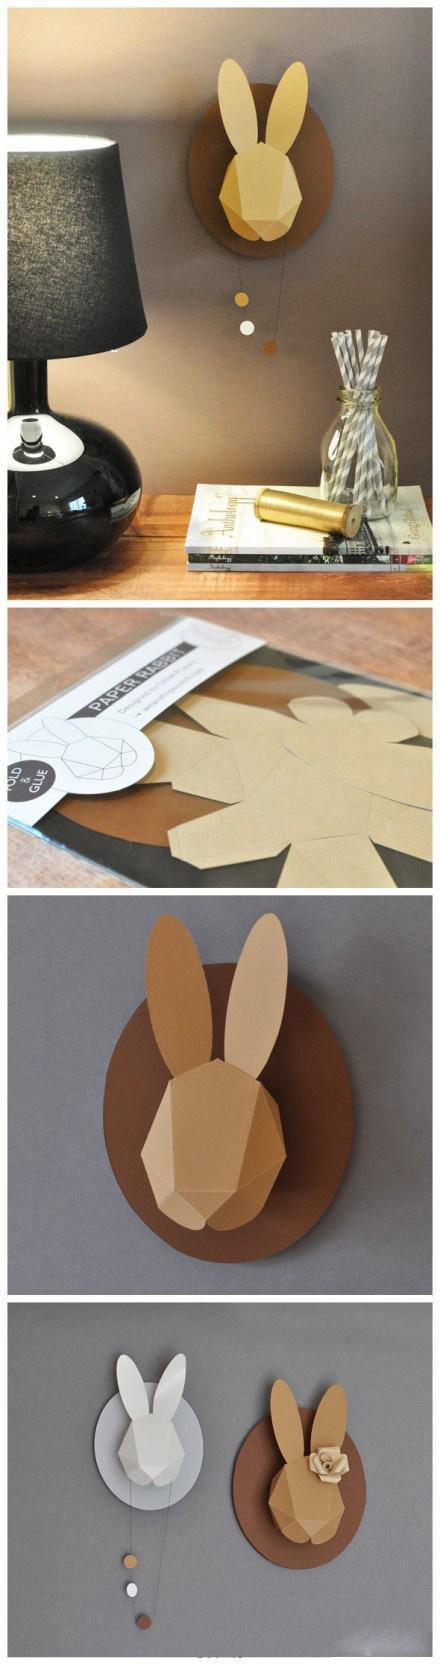 #DIY #Bunny: